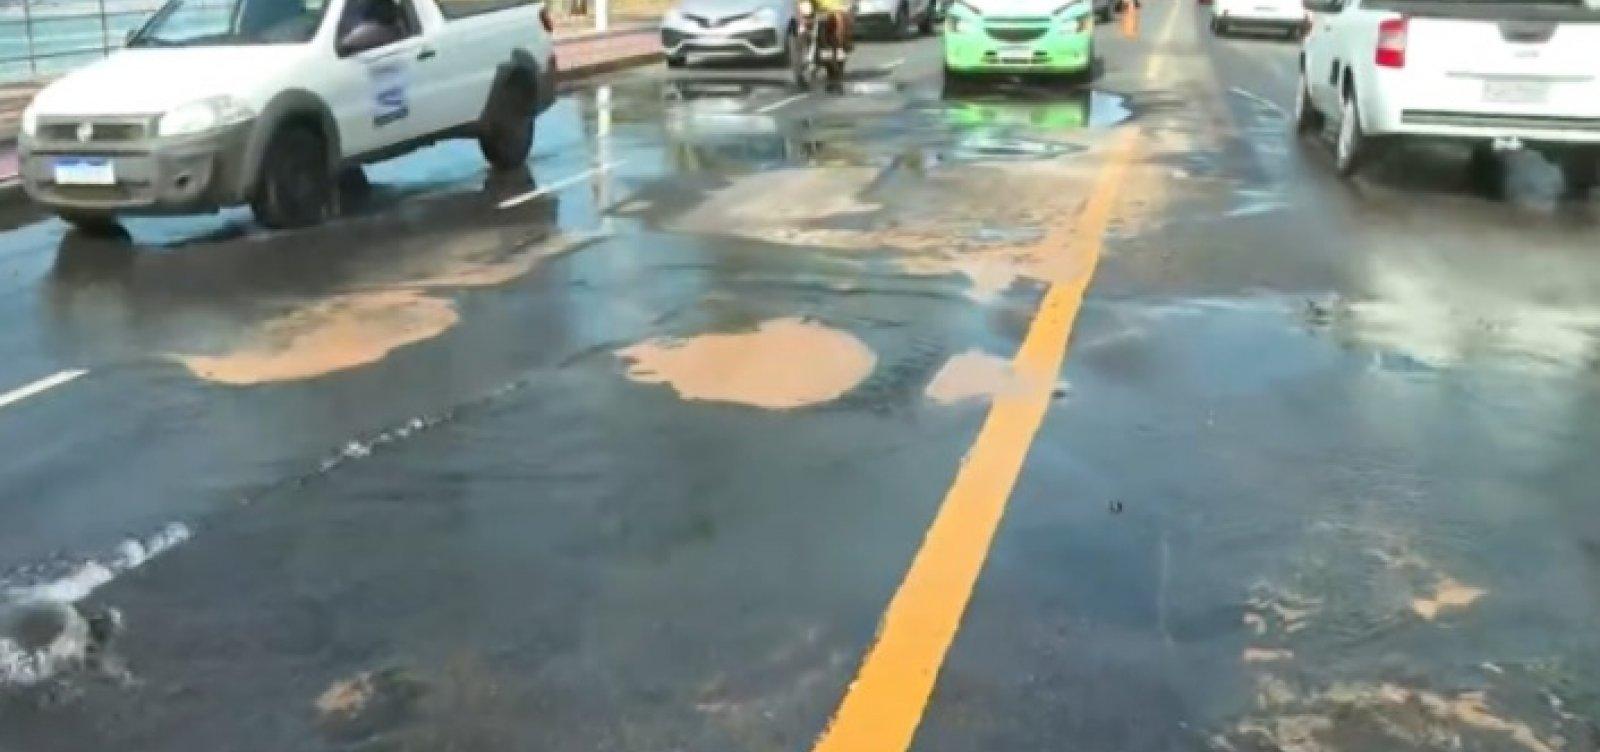 Piatã, Placaford e Itapuã ficam sem água após rompimento de adutora